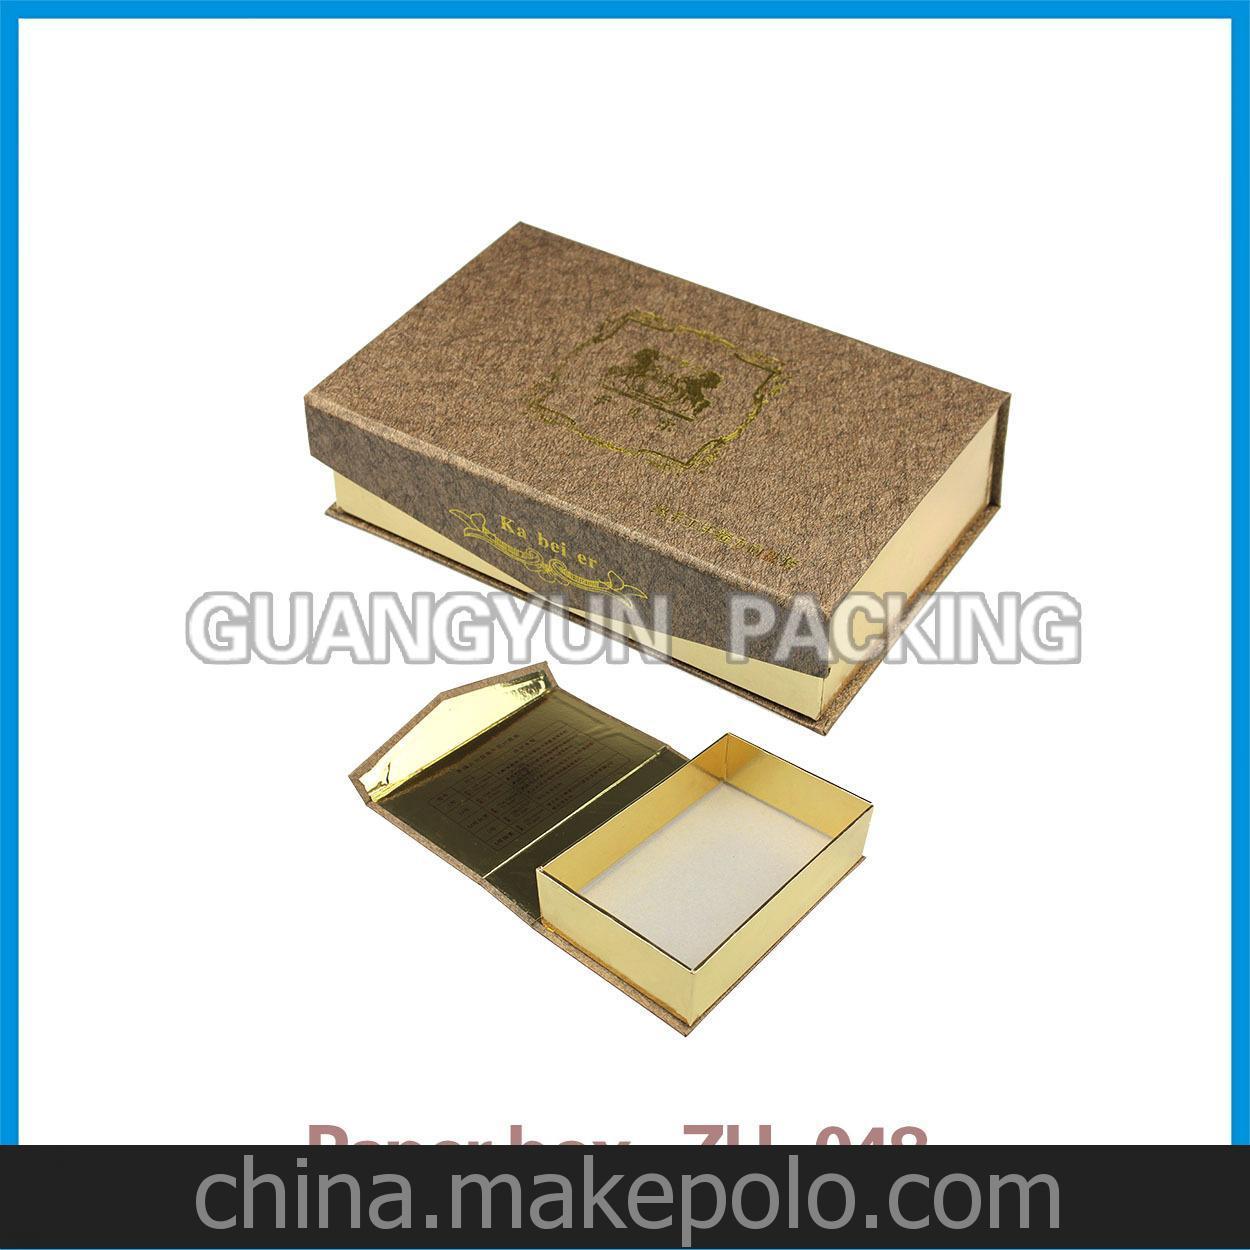 低价供应 纺织面料展纸盒 纺织品纸盒 皮革制品纸盒